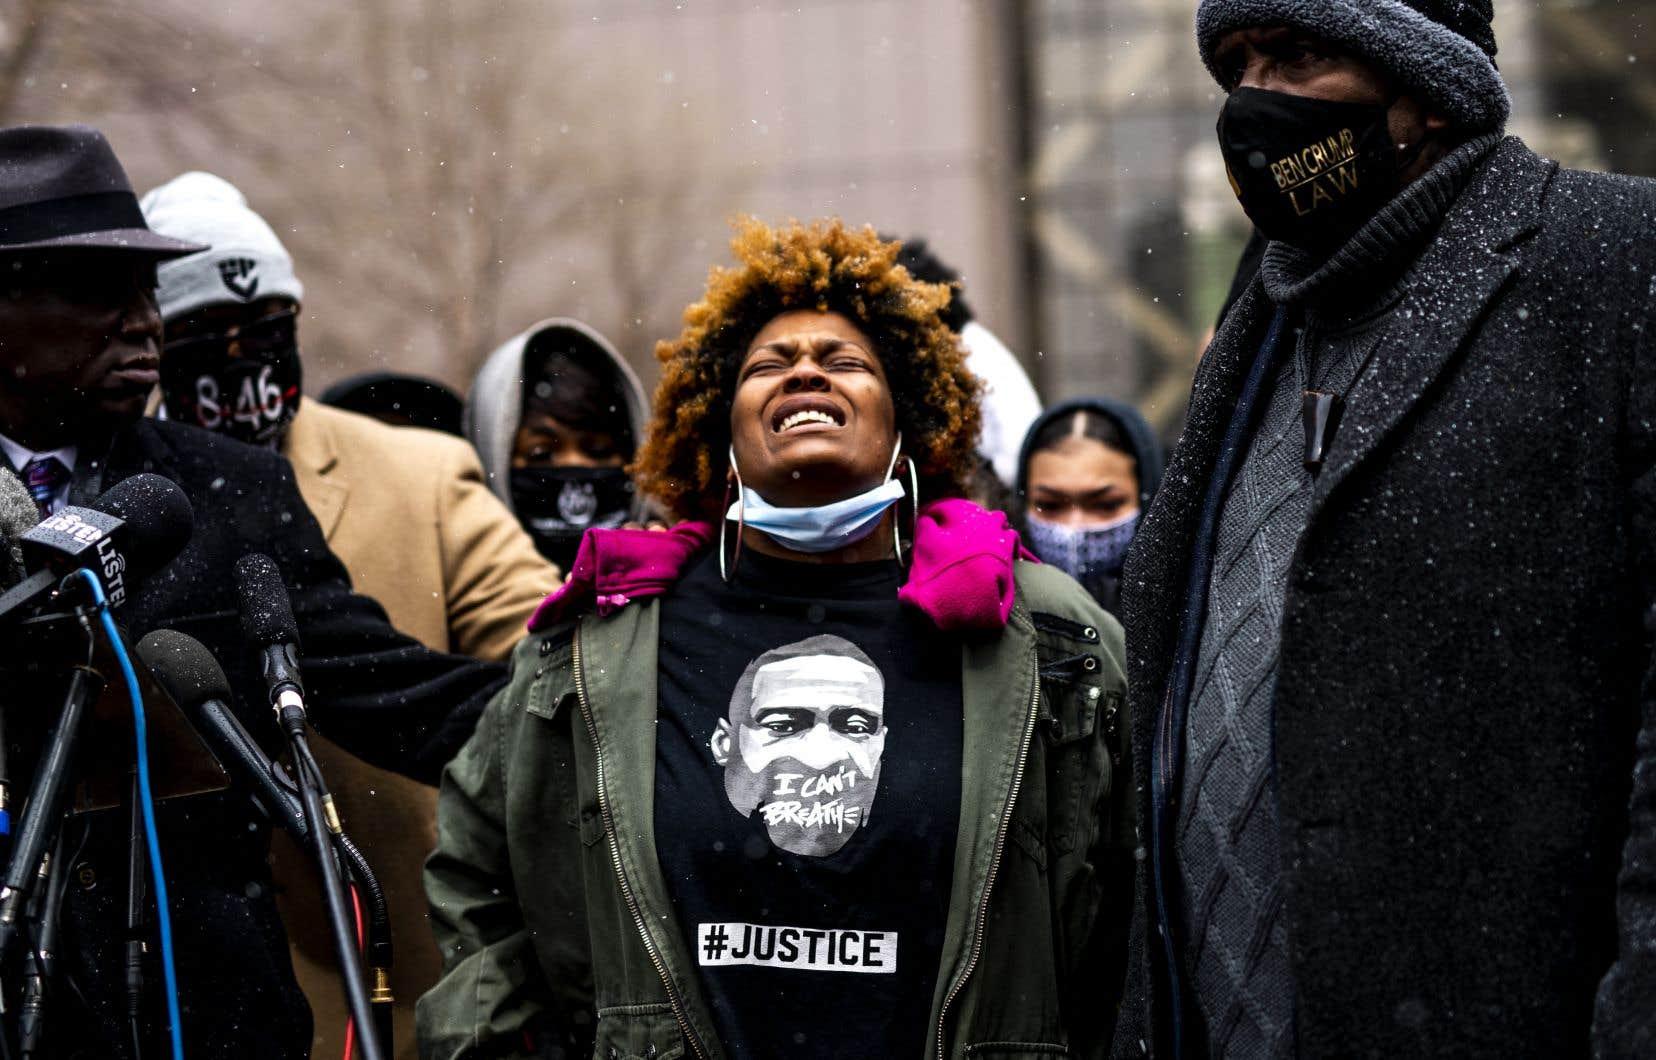 Le procès du meurtre de George Floyd s'est poursuivi mardi dans une ville à nouveau meurtrie par l'assassinat d'un autre Afro-Américain dimanche dernier, lors d'une énième arrestation qui a mal tourné.